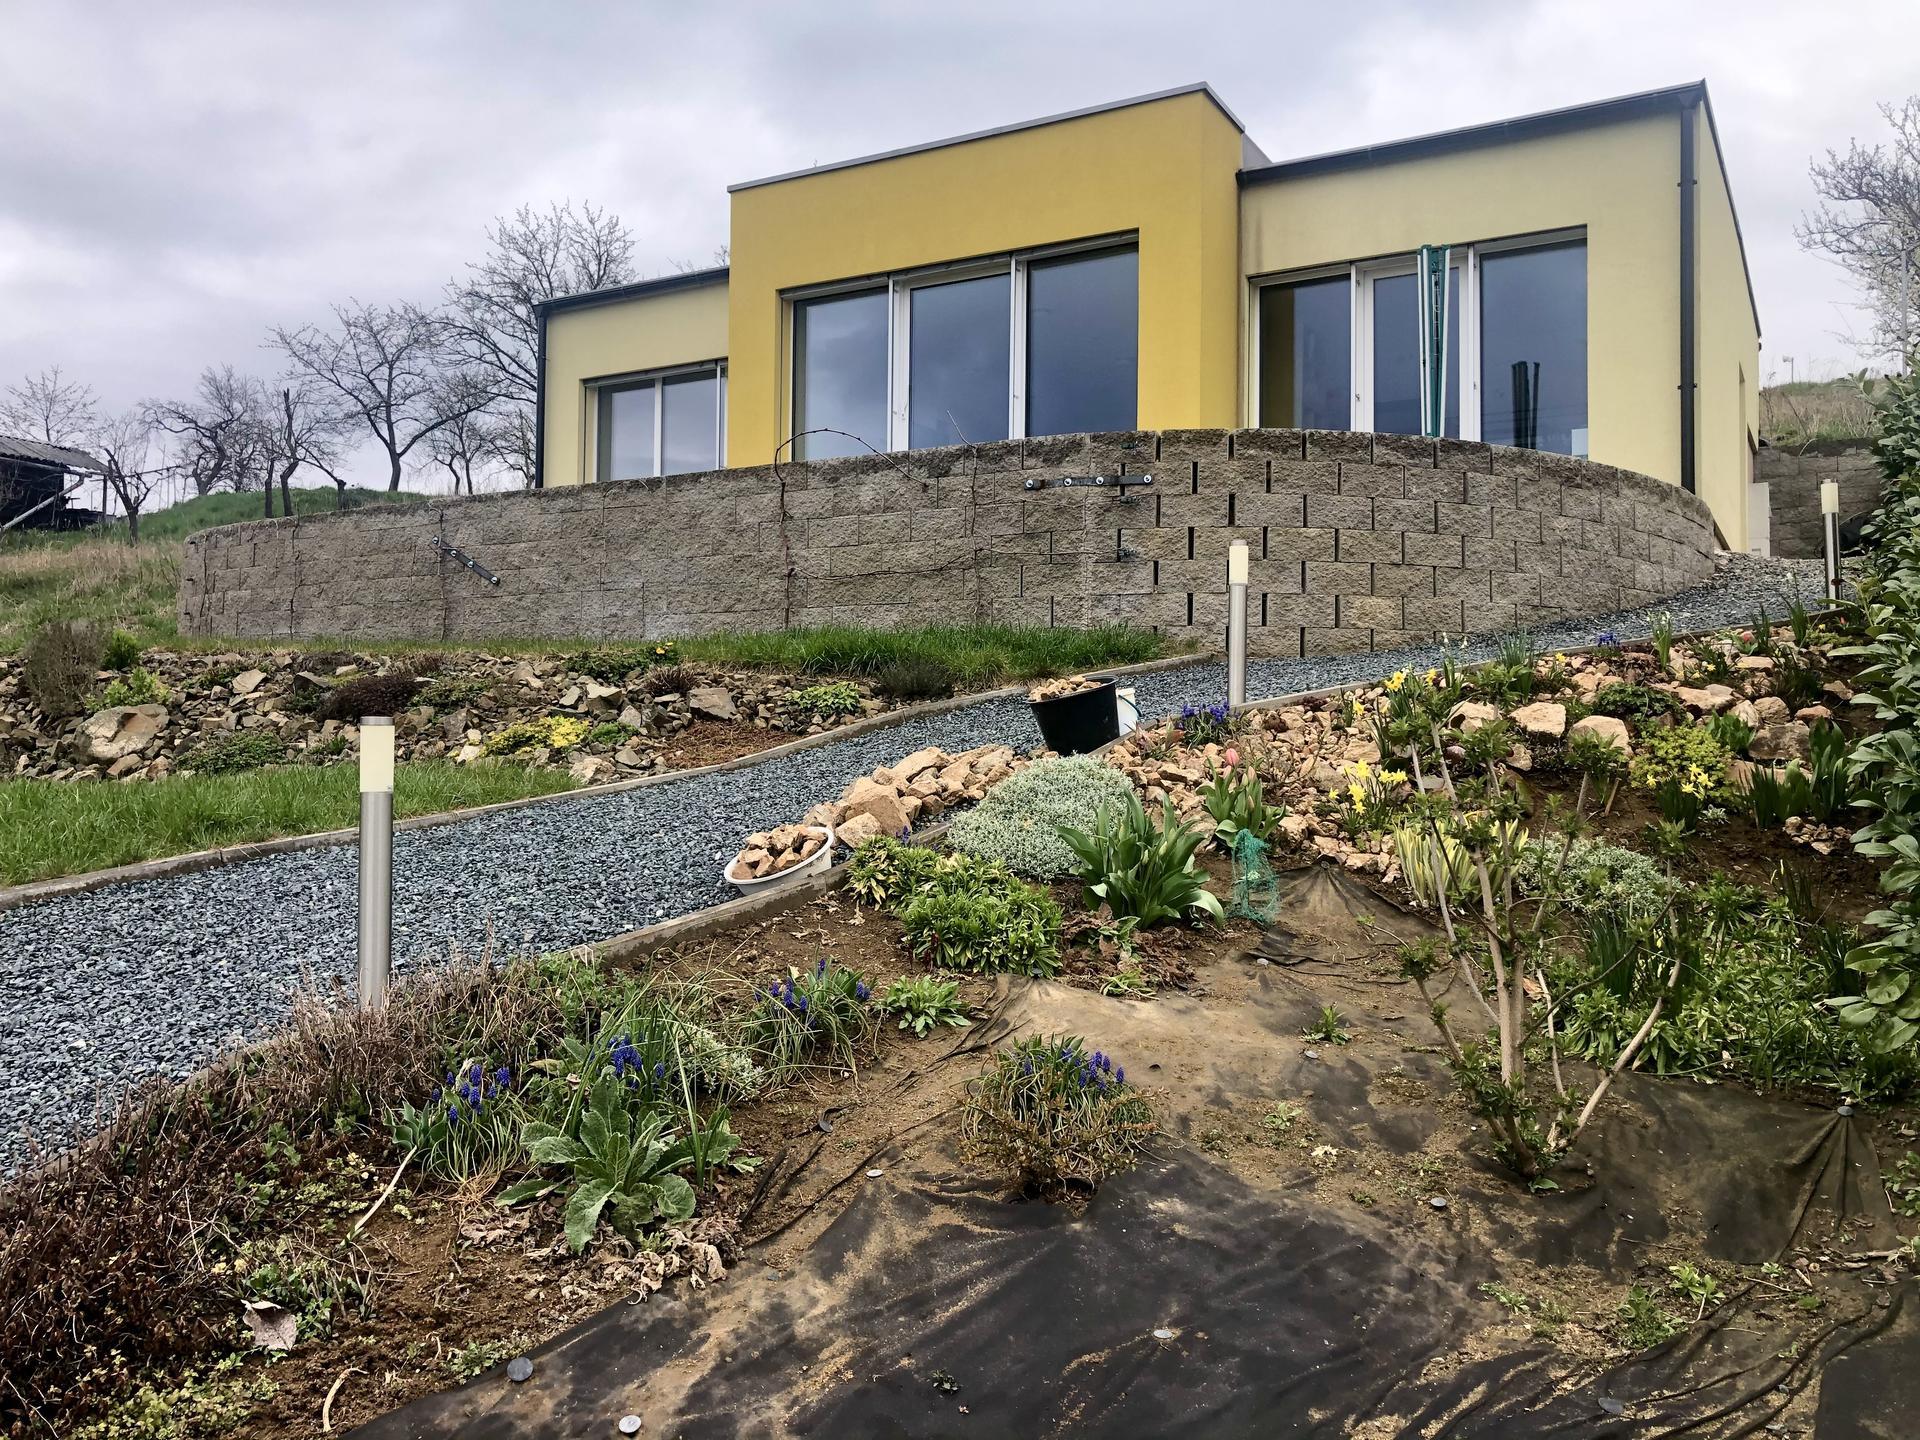 Skřítčí zahrada 2021 - Duben 2021 - obě skalky (bylinková i květinová) se zelenají